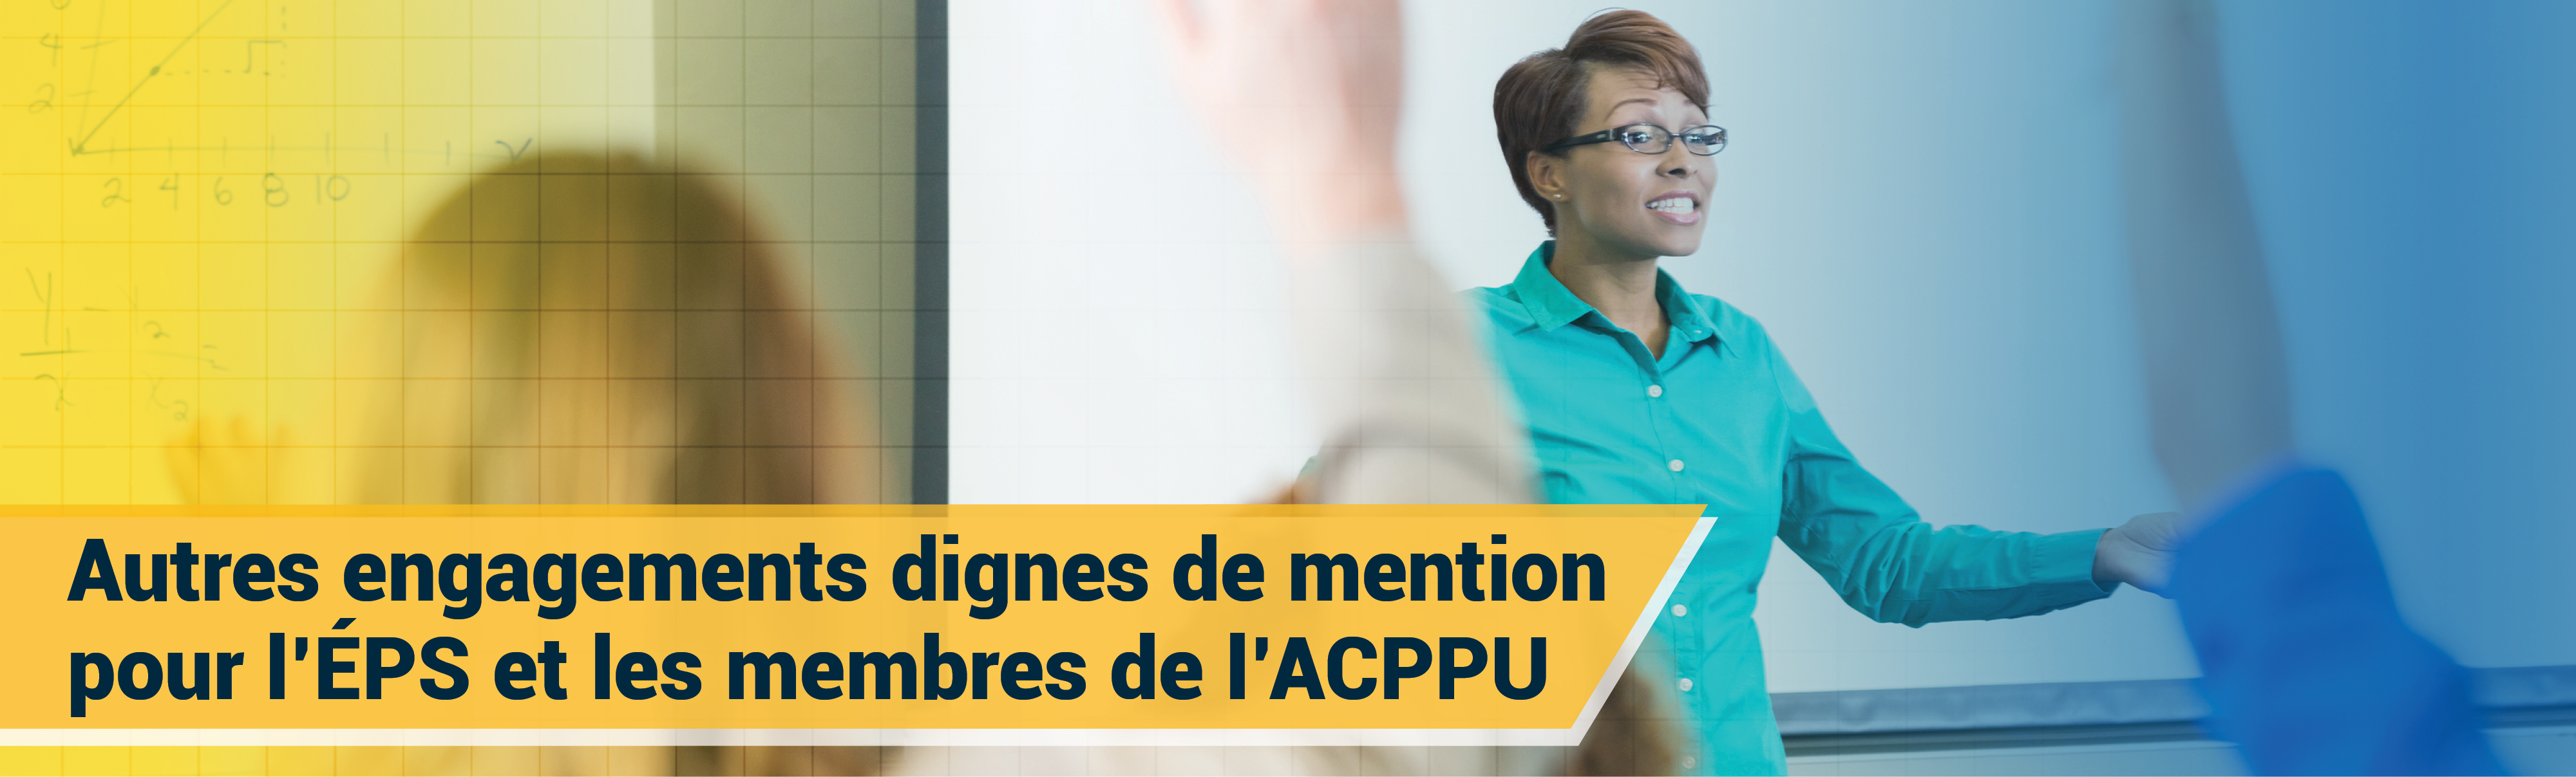 Autres engagements dignes de mention pour l'ÉPS et les membres de l'ACPPU